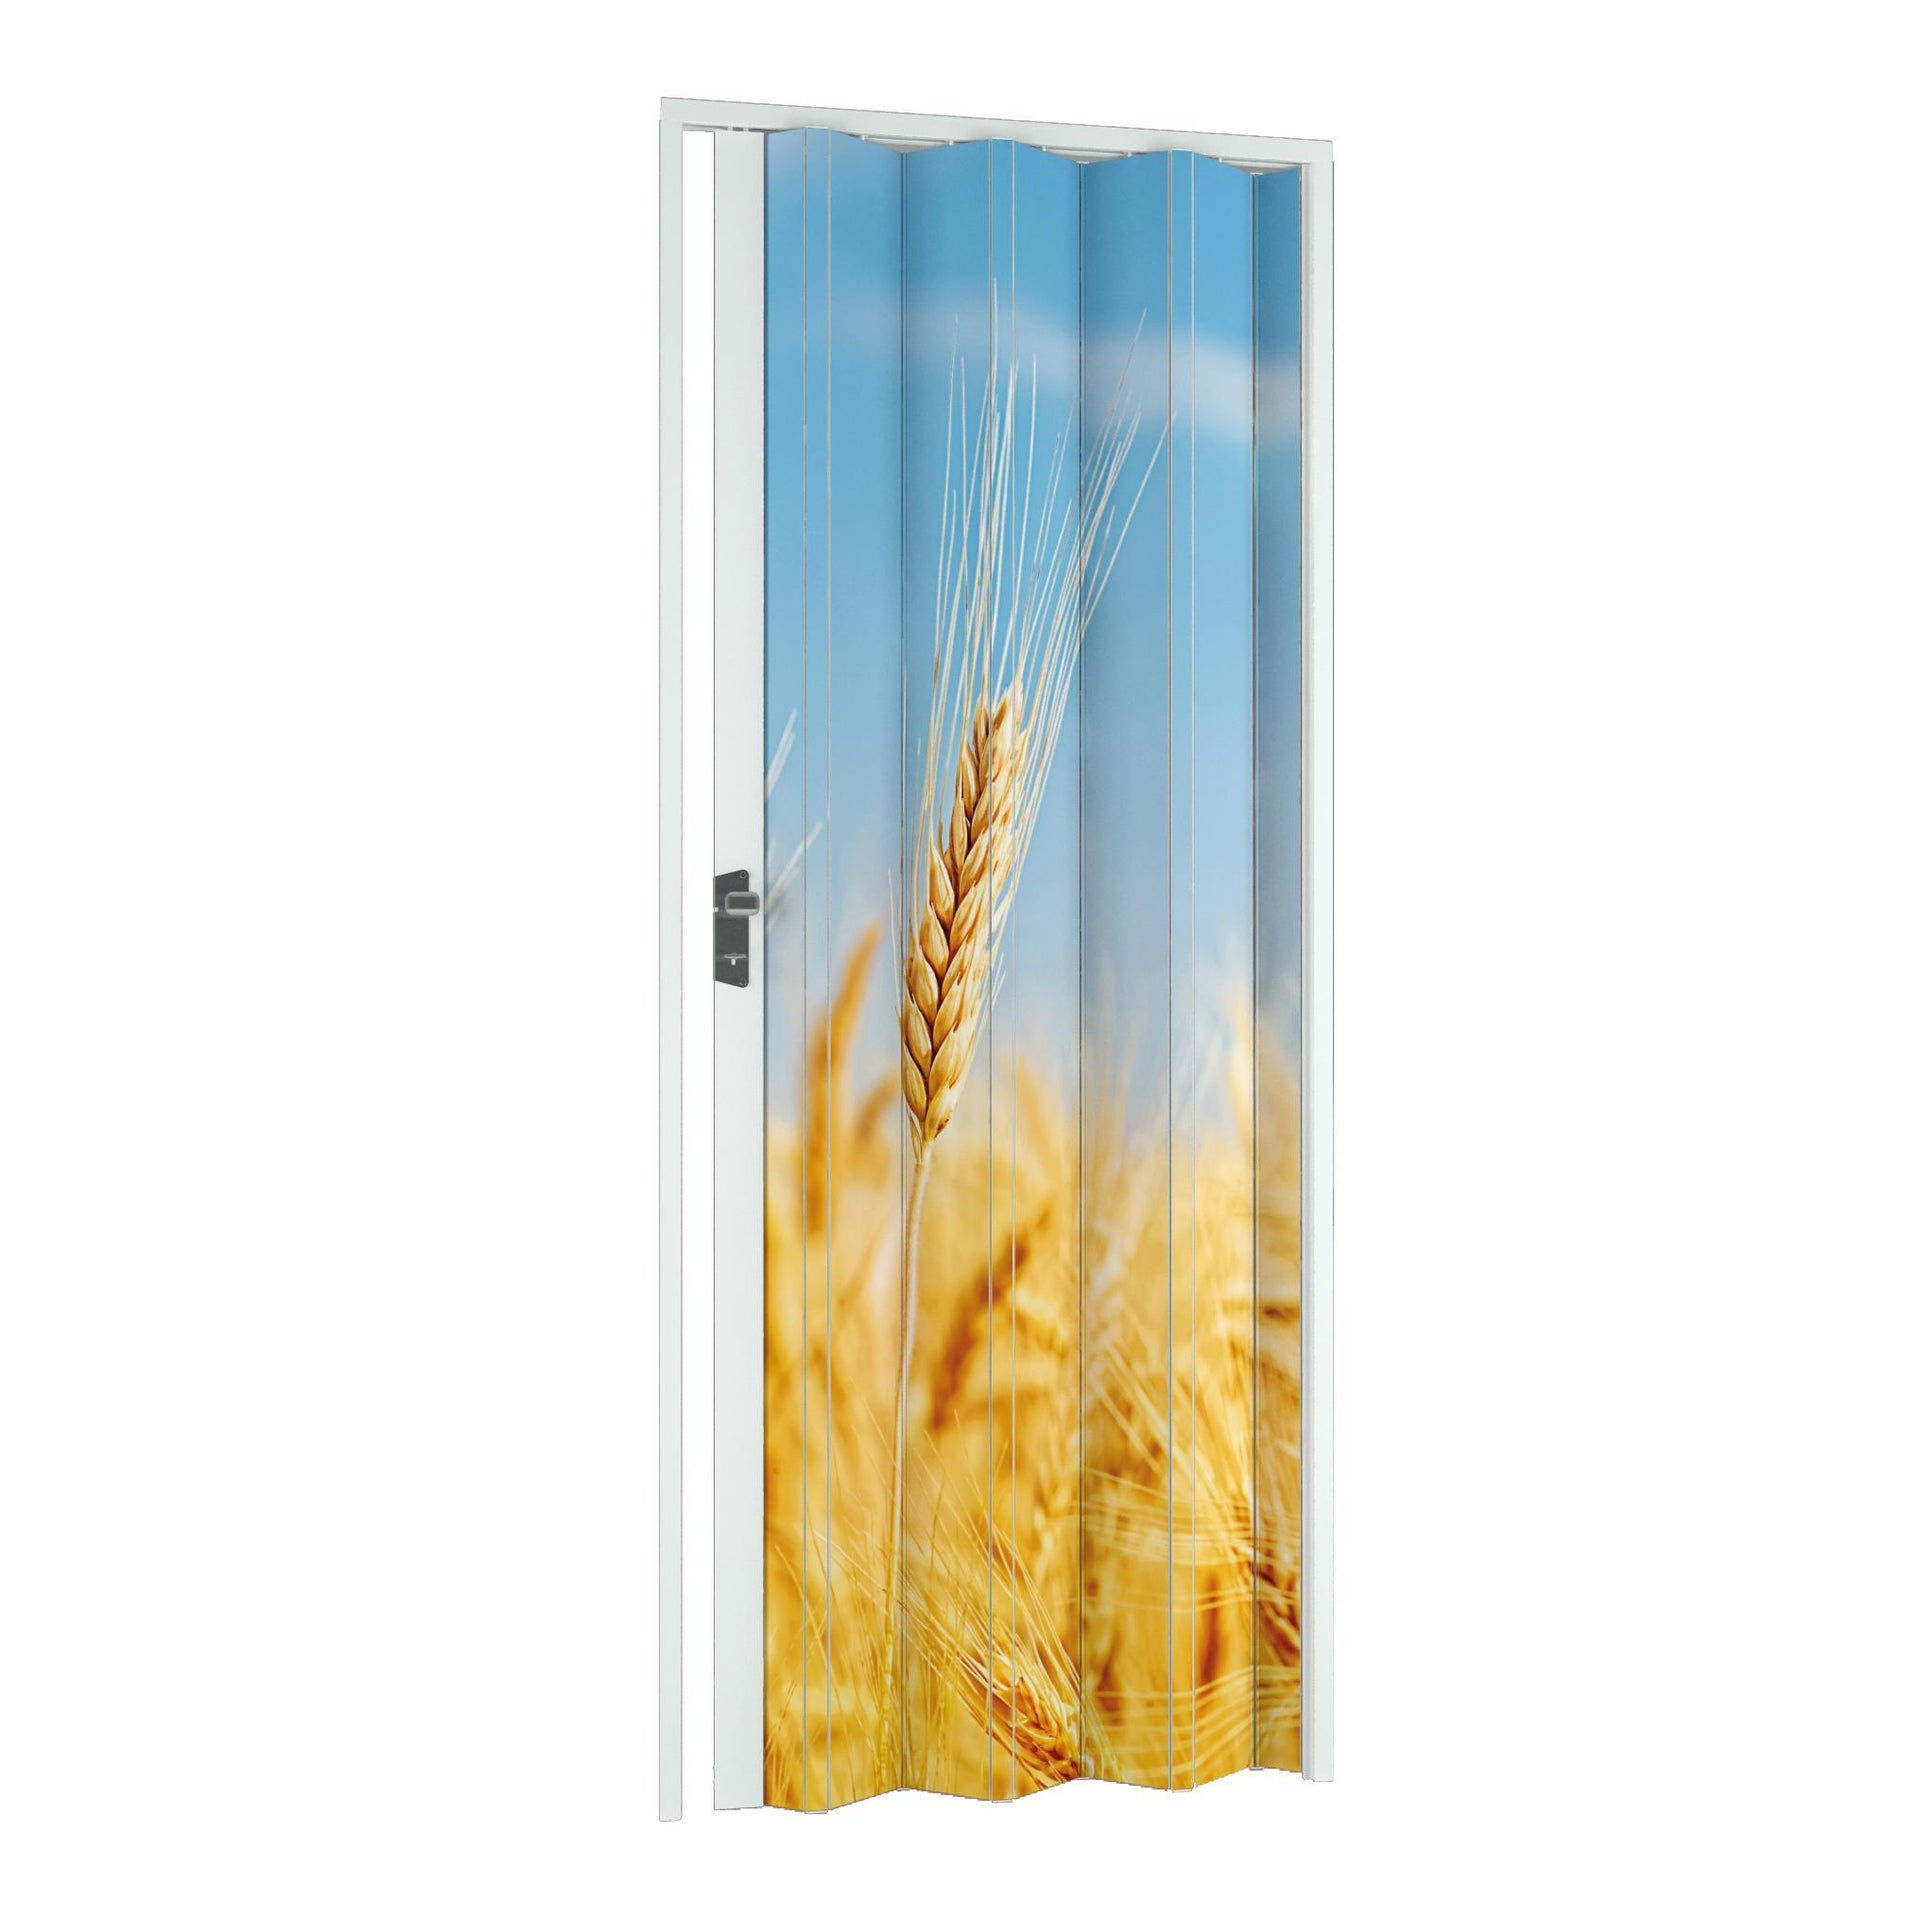 Porta a soffietto Grain in pvc multicolore L 115 x H 214 cm